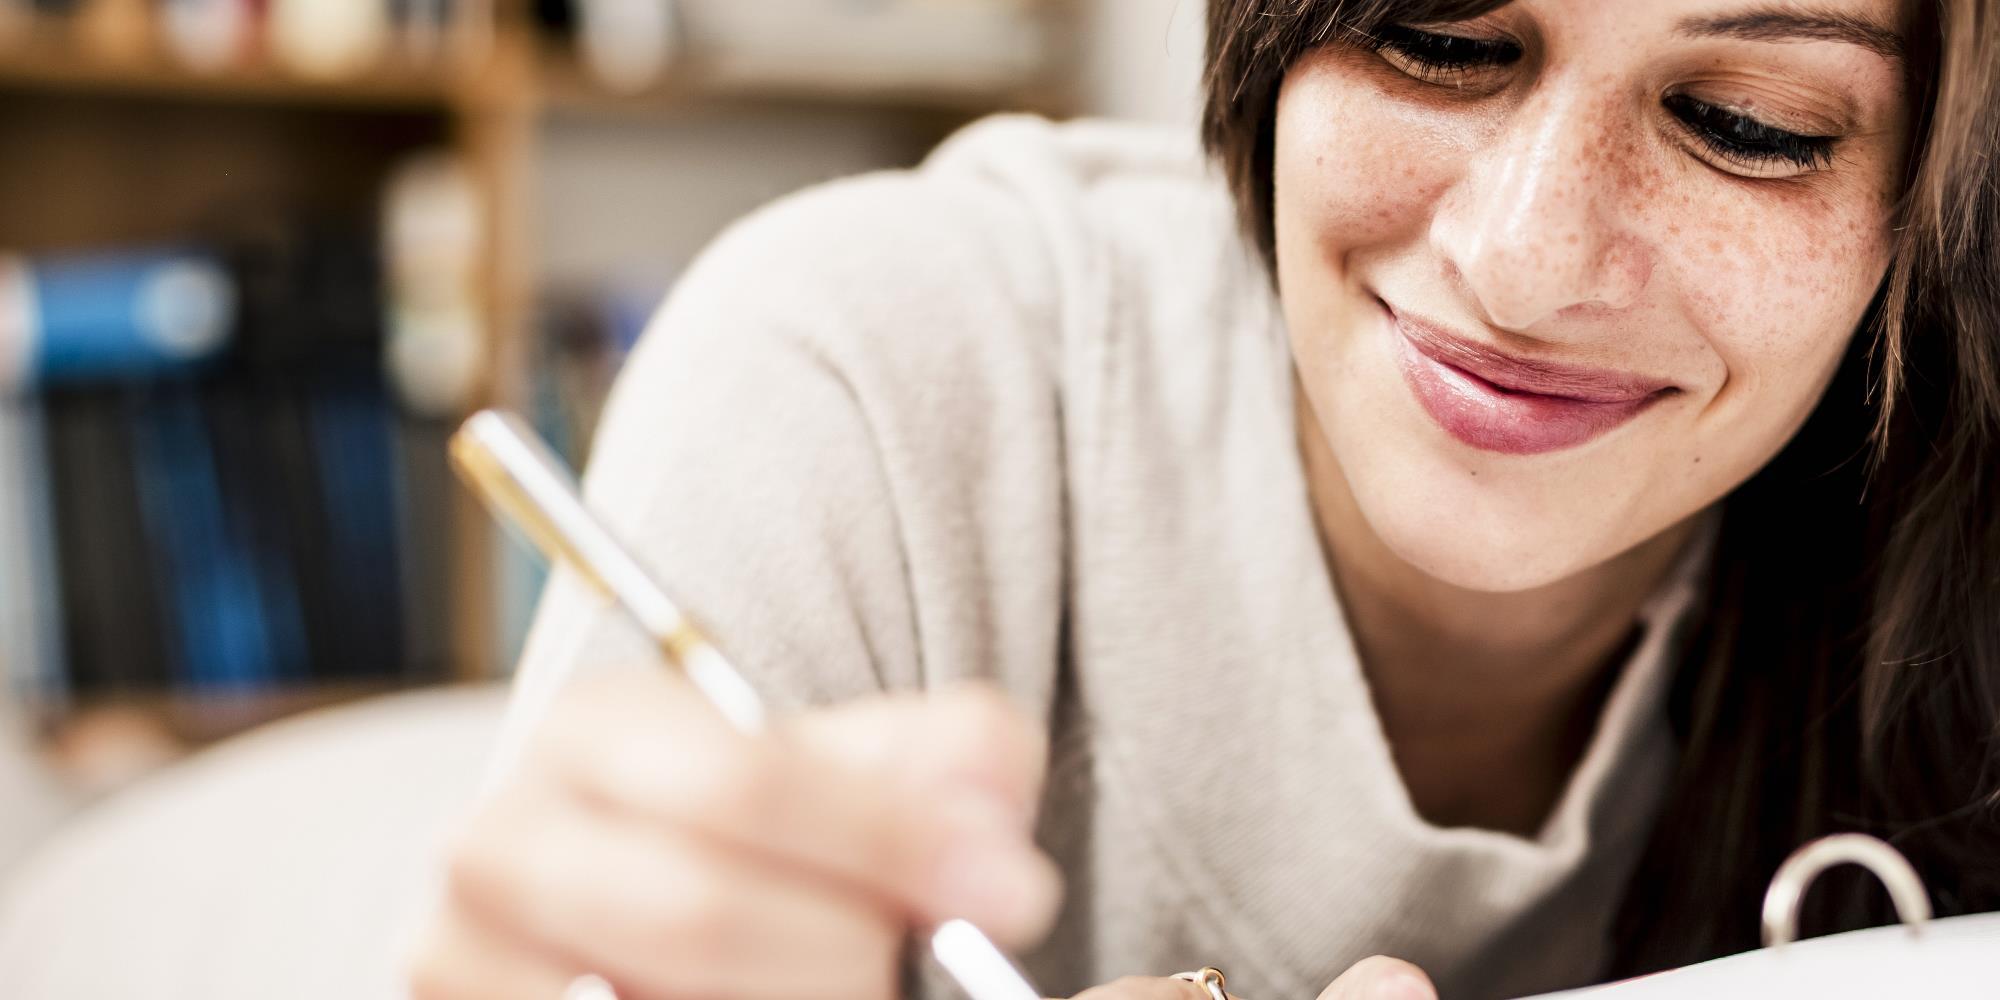 Eine junge Frau schreibt in ein Ringbuch und schaut zuversichtlich ihrer Prüfung entgegen.